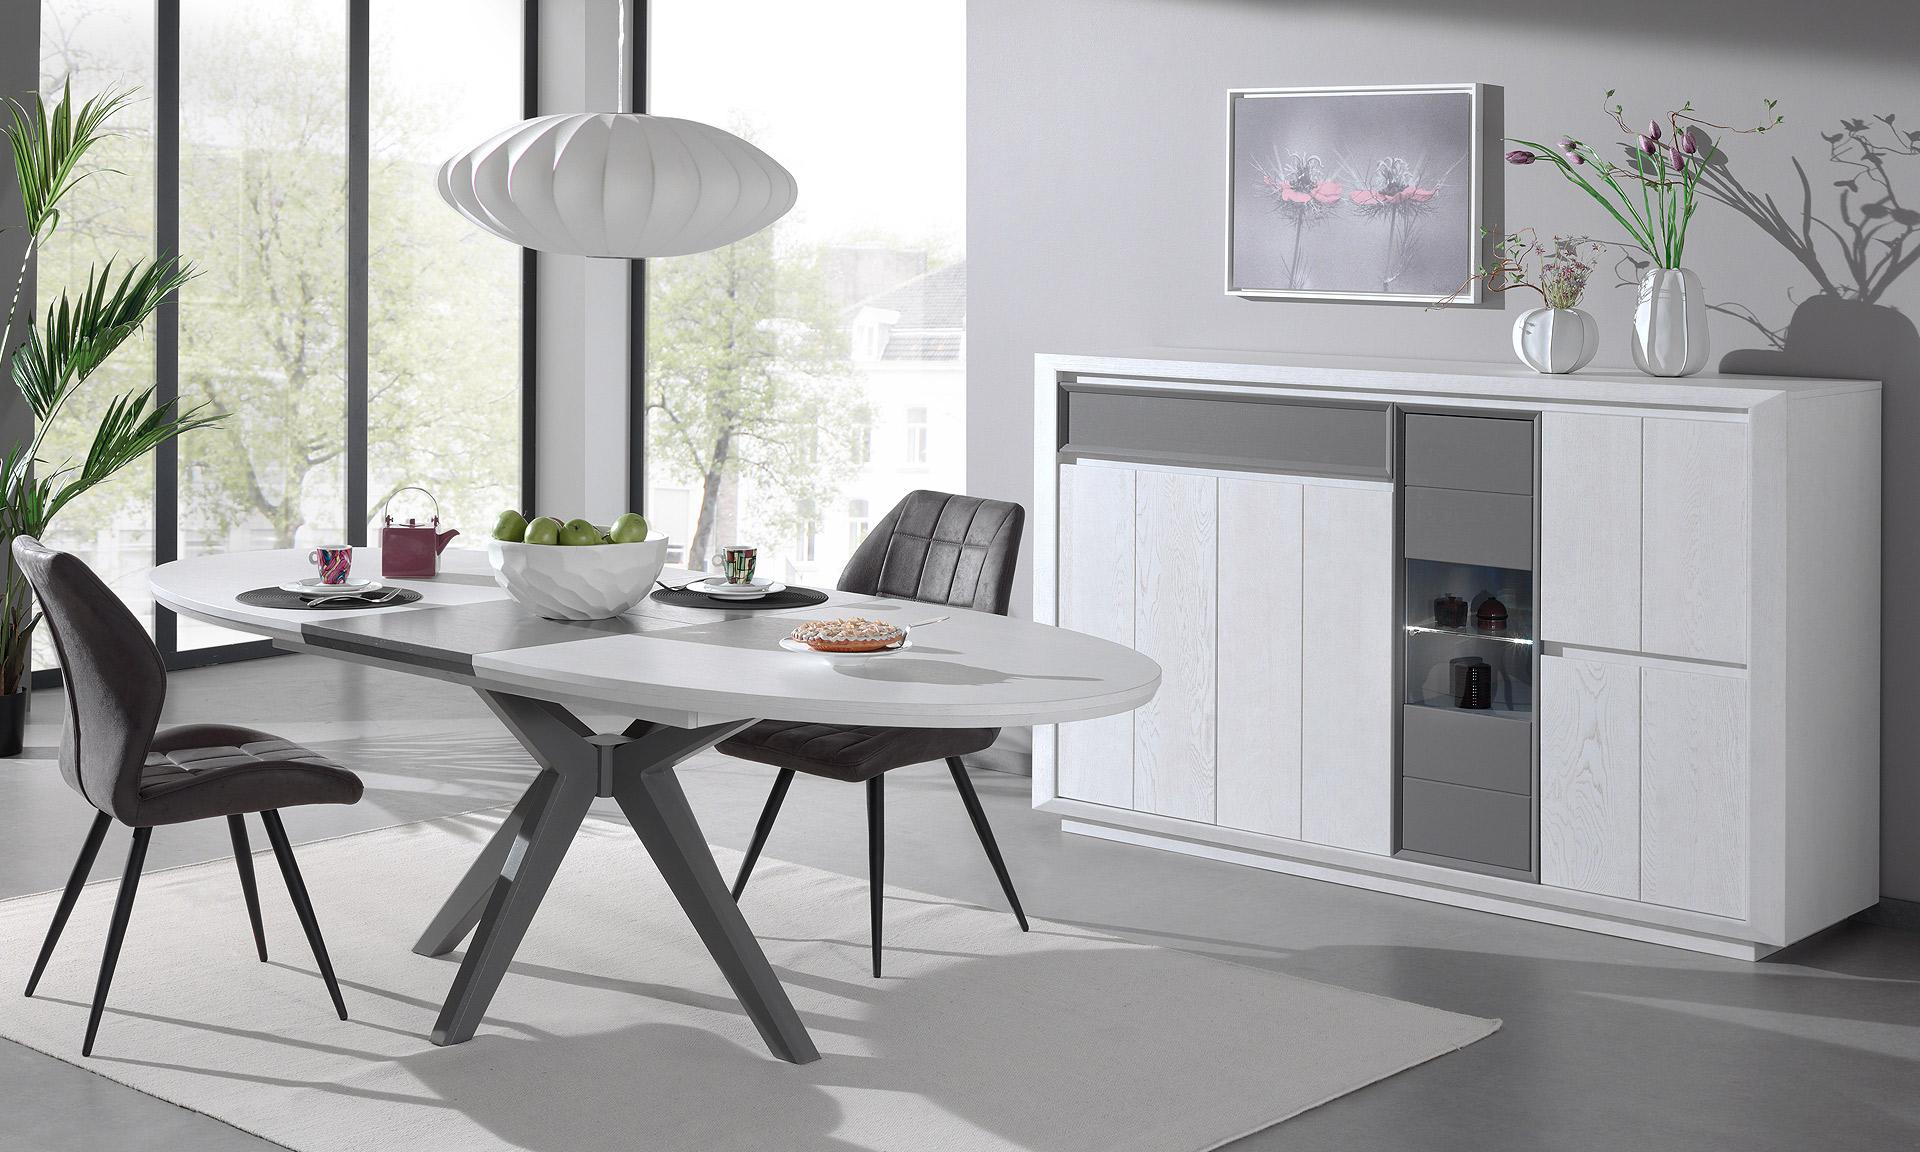 meuble sejour caroline meubles caulier hazebrouck dans le nord. Black Bedroom Furniture Sets. Home Design Ideas